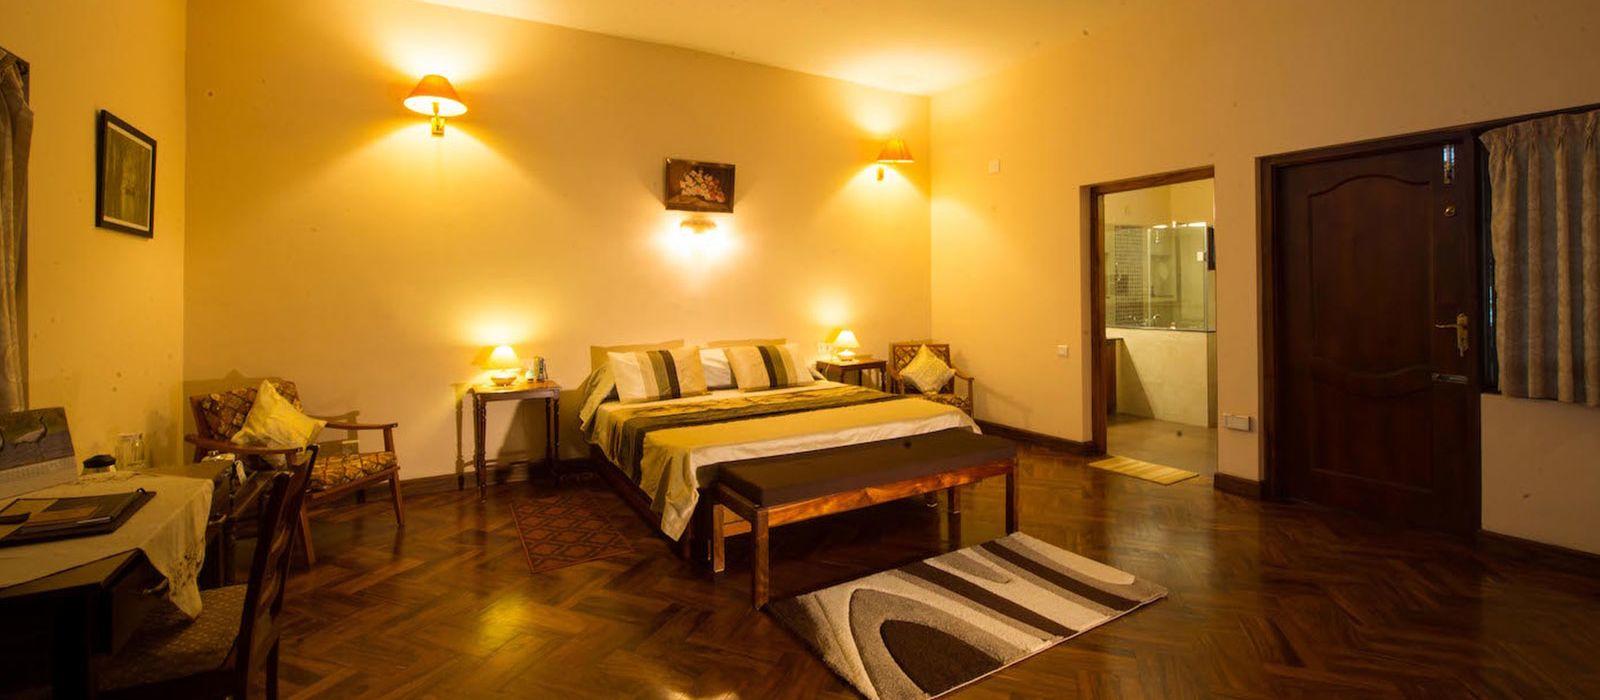 Hotel Amaryllis South India